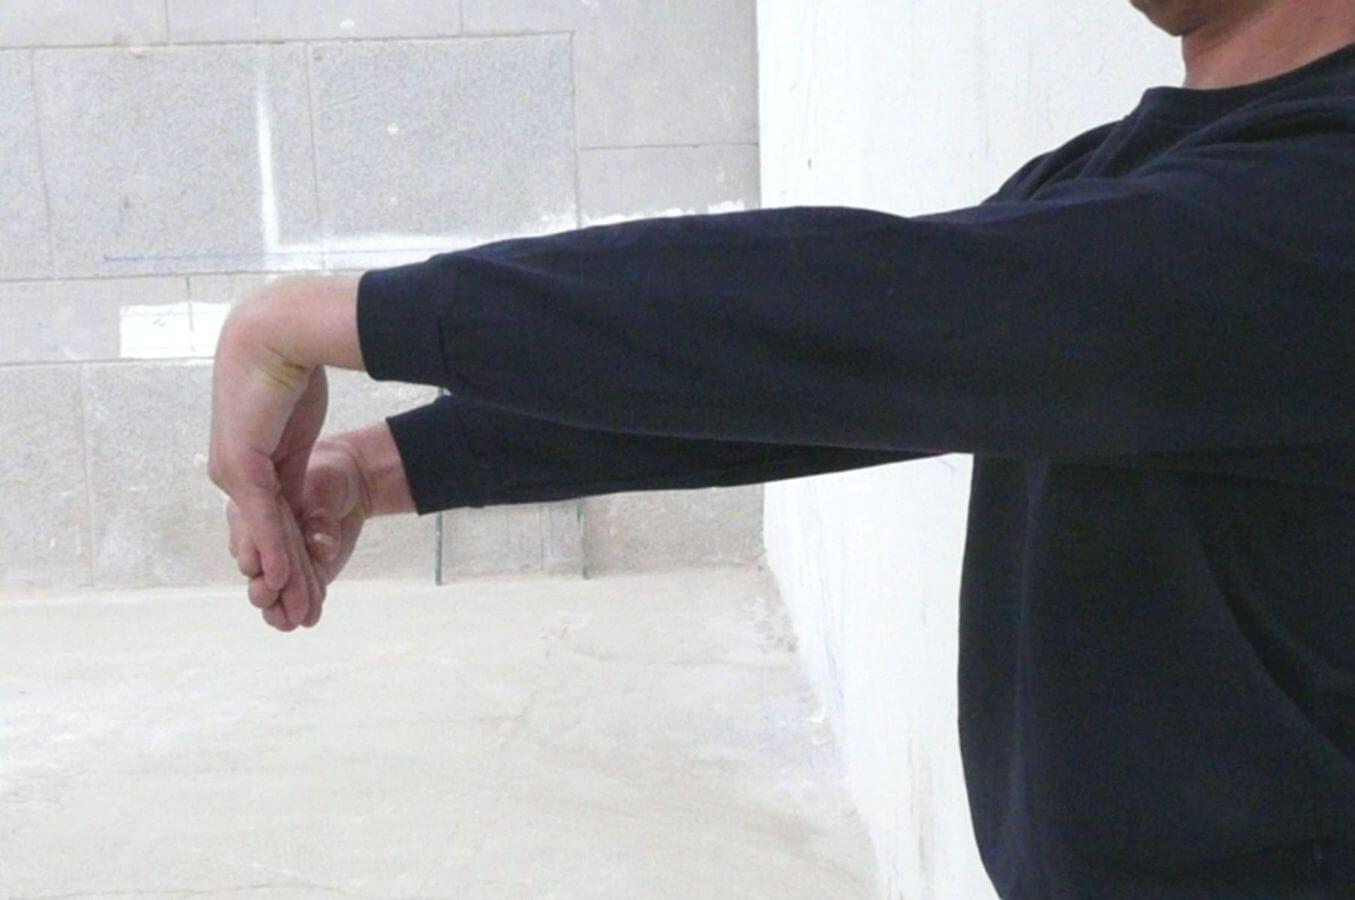 Udstrækning af håndled